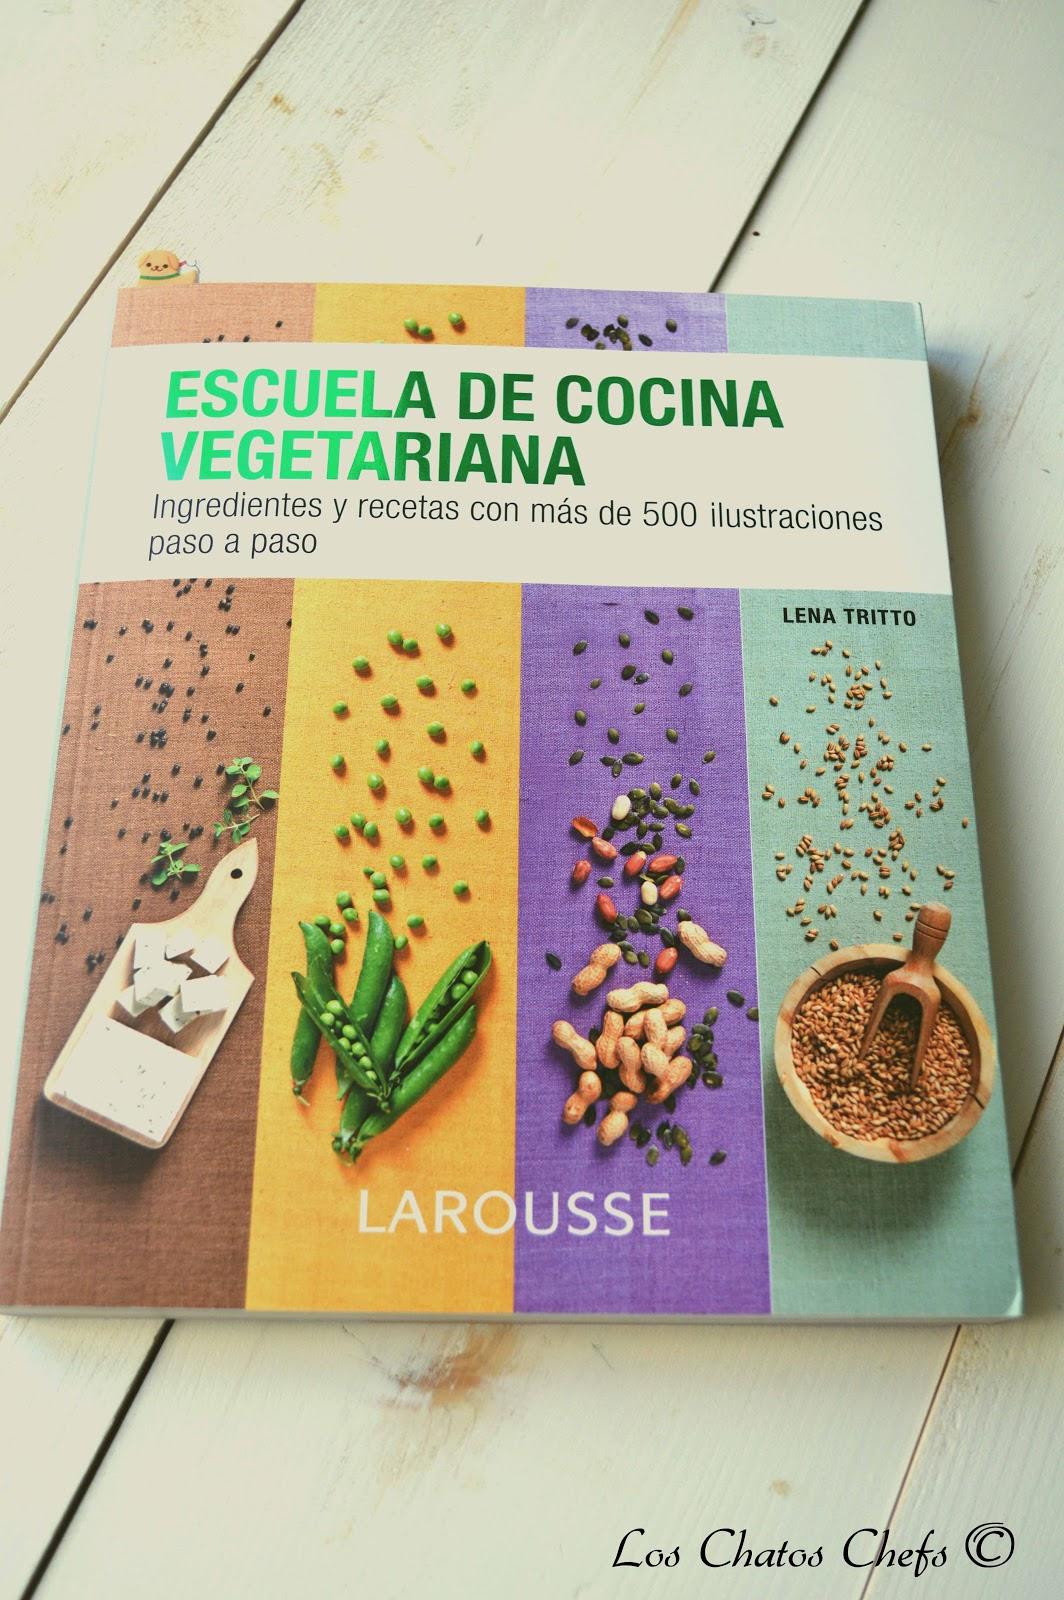 Los chatos chefs el libro del mes agosto 2015 tortas - Escuela de cocina vegetariana ...